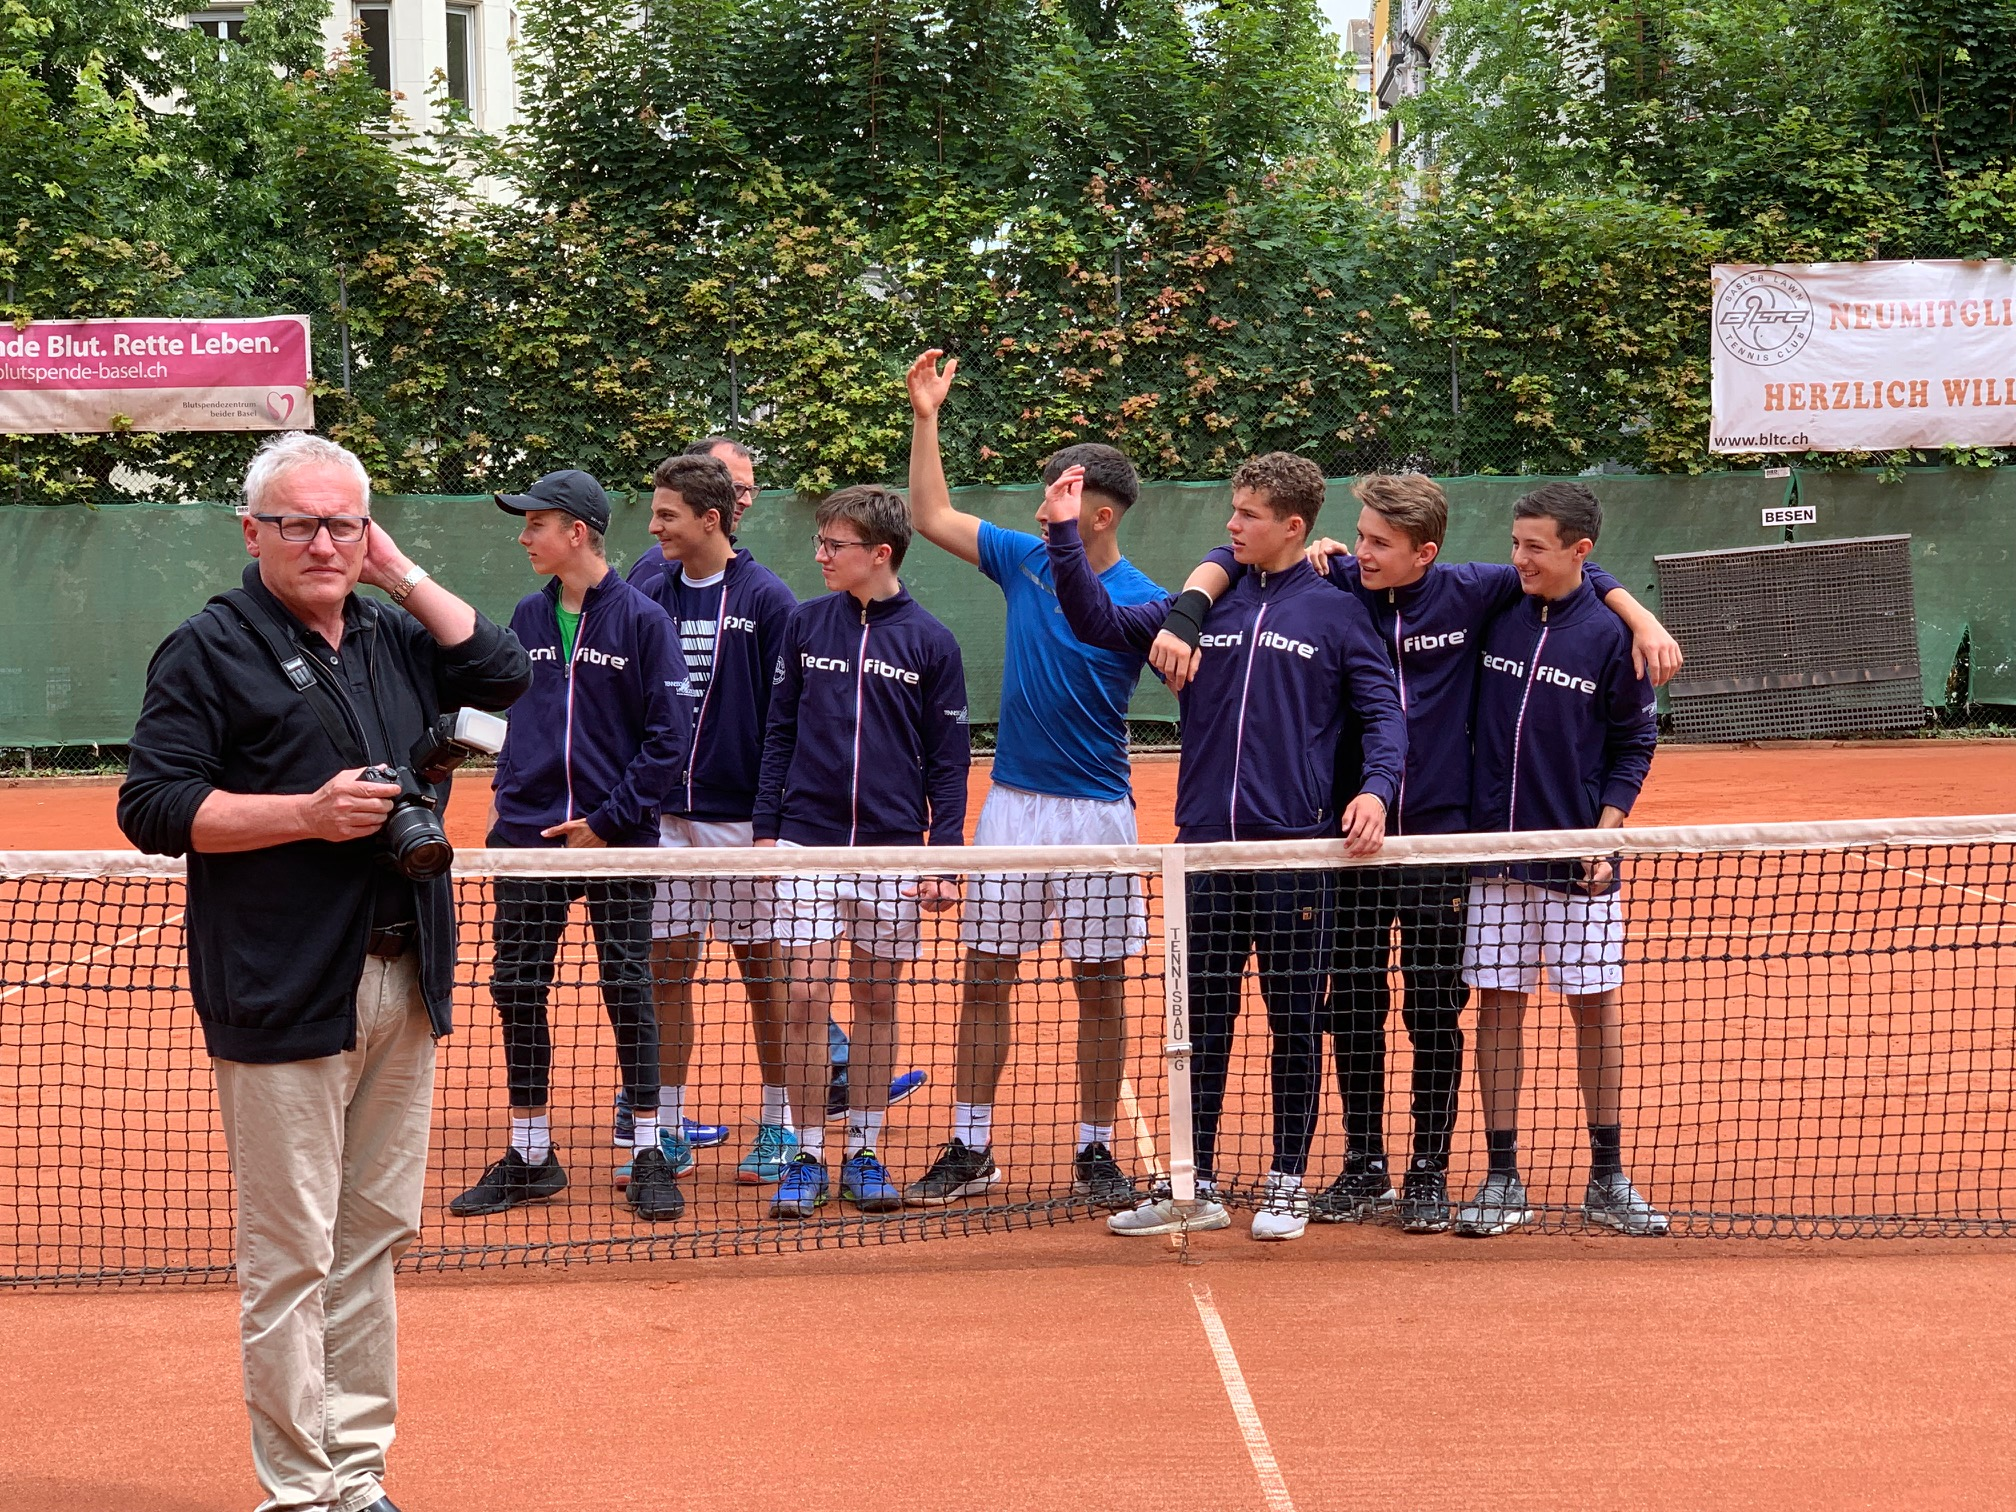 Captain und Trainer sollen aufs Bild von Gundeldinger-Zeitung-Boss Thomas Weber kommen: BLTC-Junioren winken Ivo und Vito Gugolz zu sich.